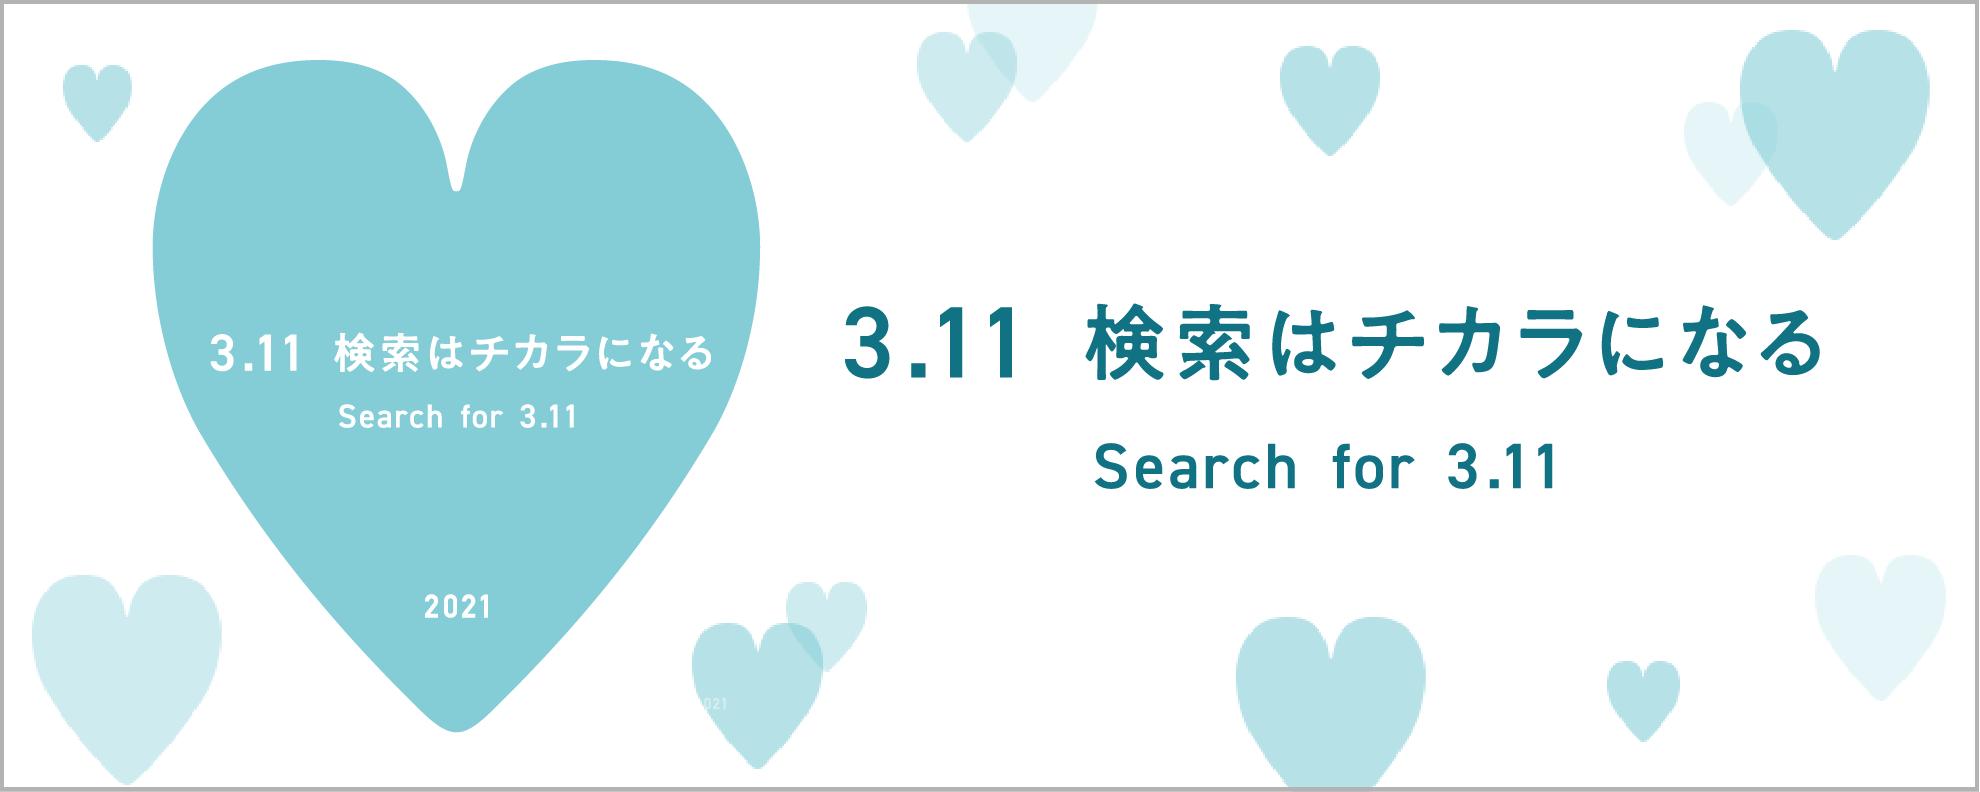 東日本大震災からまもなく10年。3月11日にヤフーで「3.11」を検索すると、おひとりにつき10円が東北支援や未来のために寄付されます。